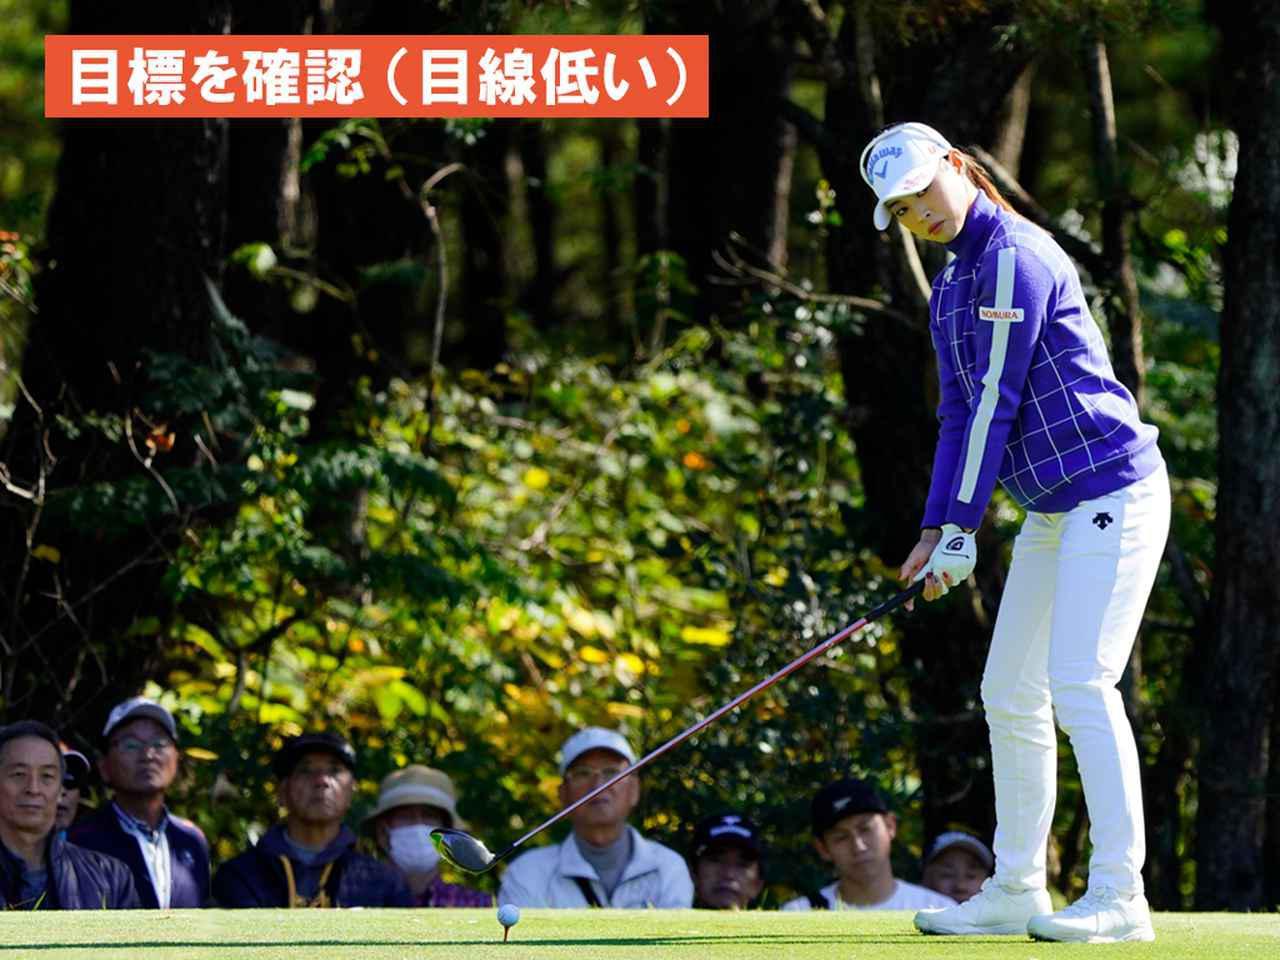 """画像6: 【プレショットルーティン調査】女子プロゴルファー上位32人をチェック! 2タイプに分かれた""""アドレスの入り方"""""""